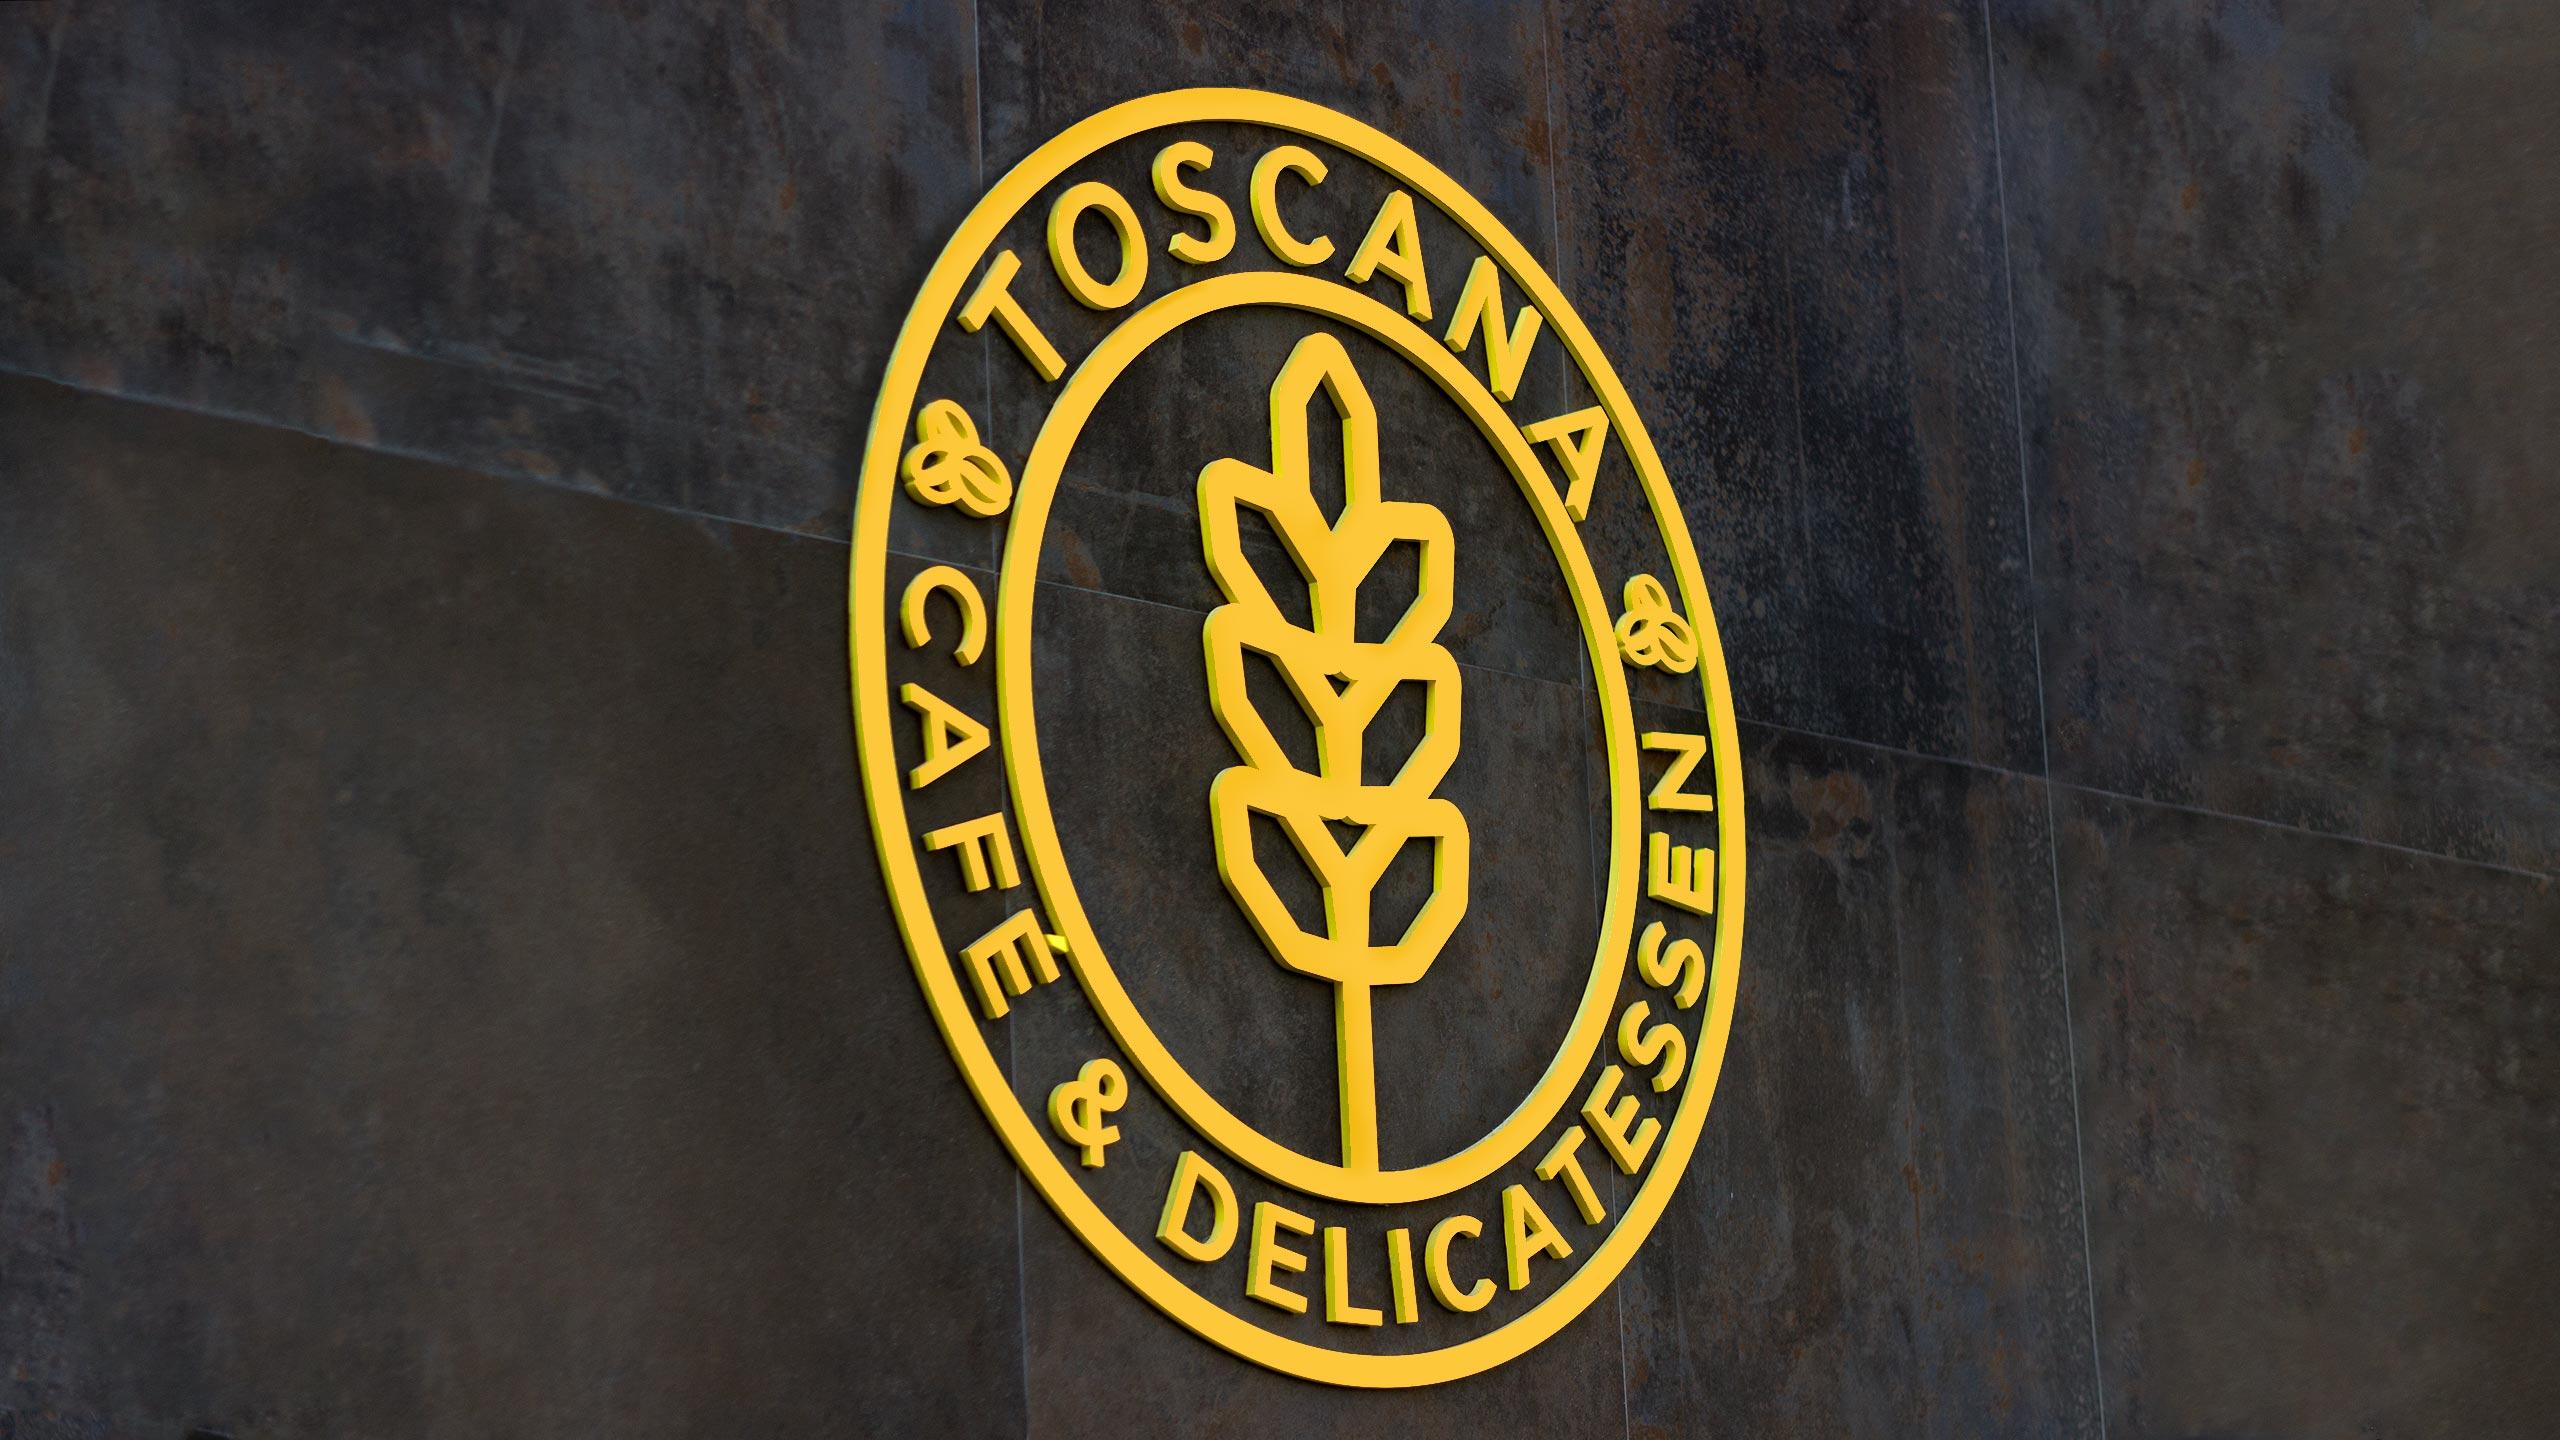 Diseño de rótulo corpóreo exterior para la cafetería Toscana Madrid